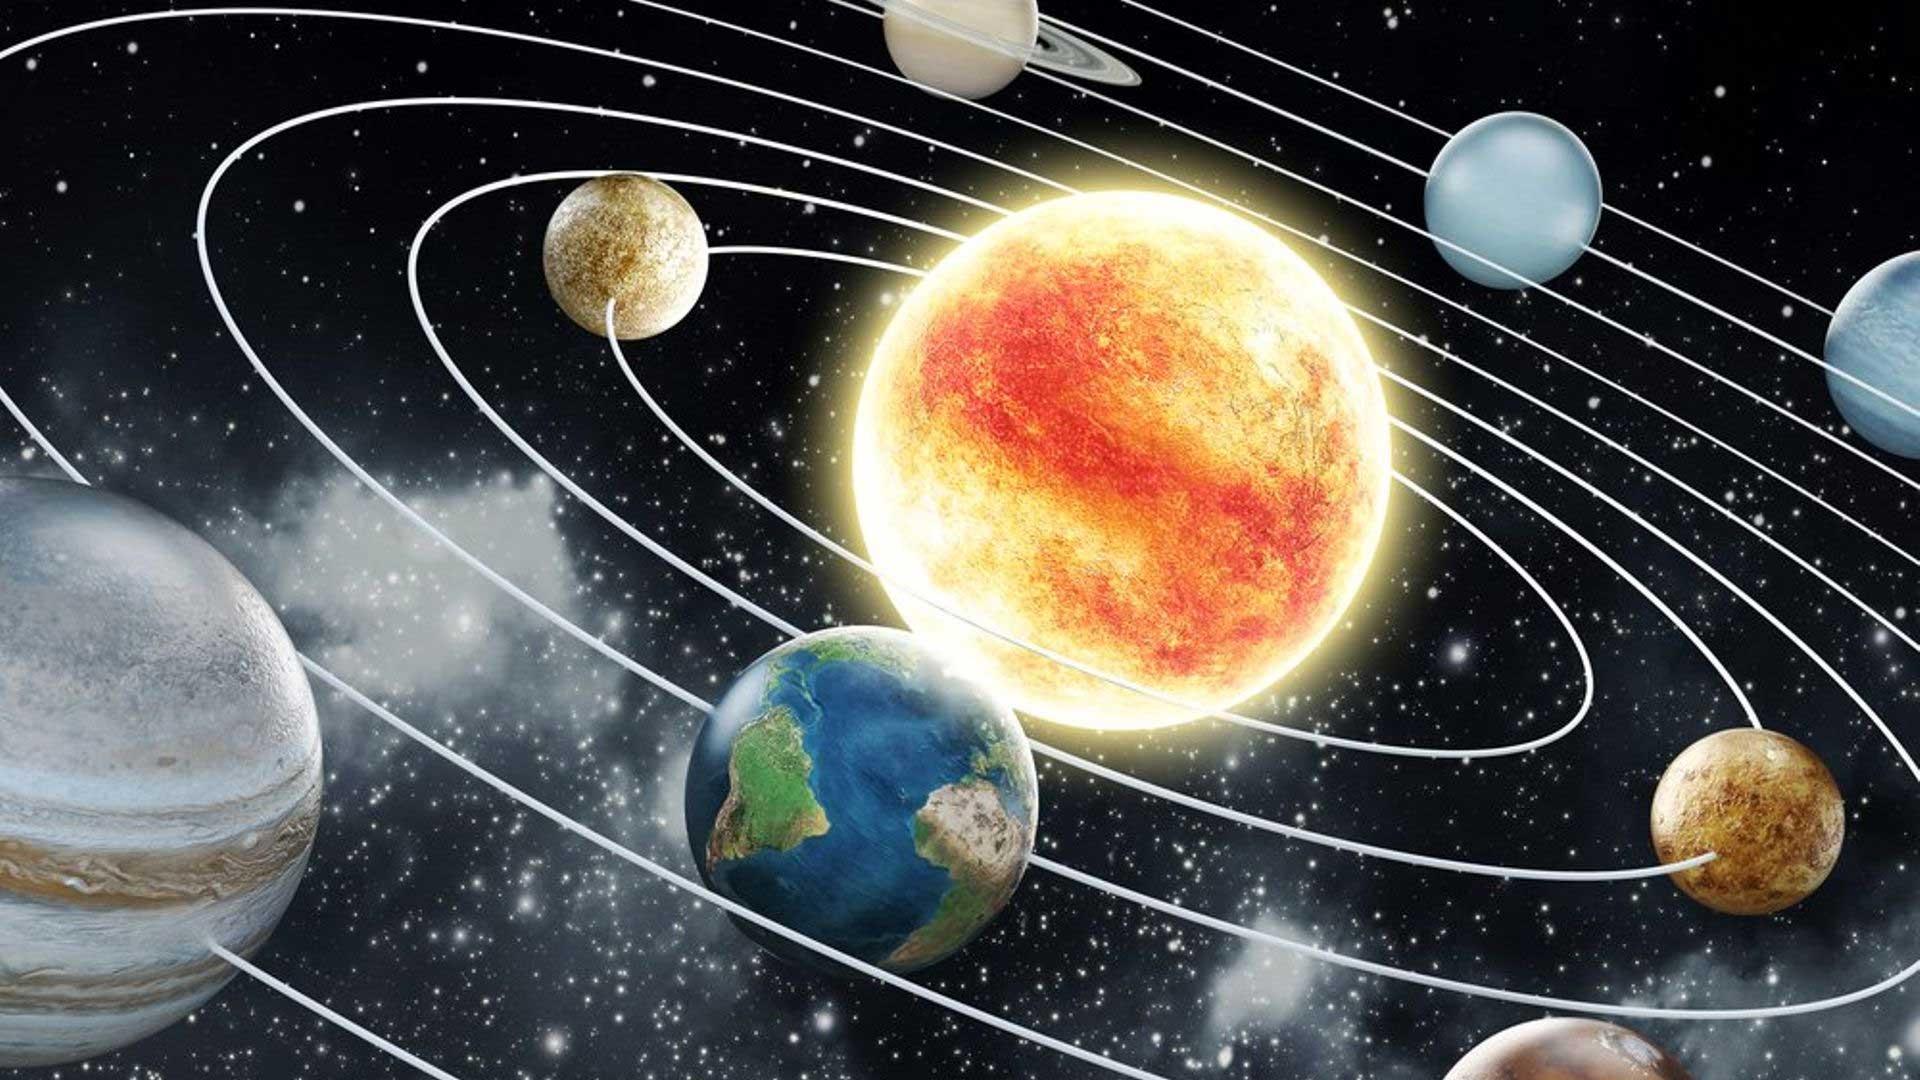 Científica asegura que un sistema de estrellas moribundas se alimenta directamente del Sol